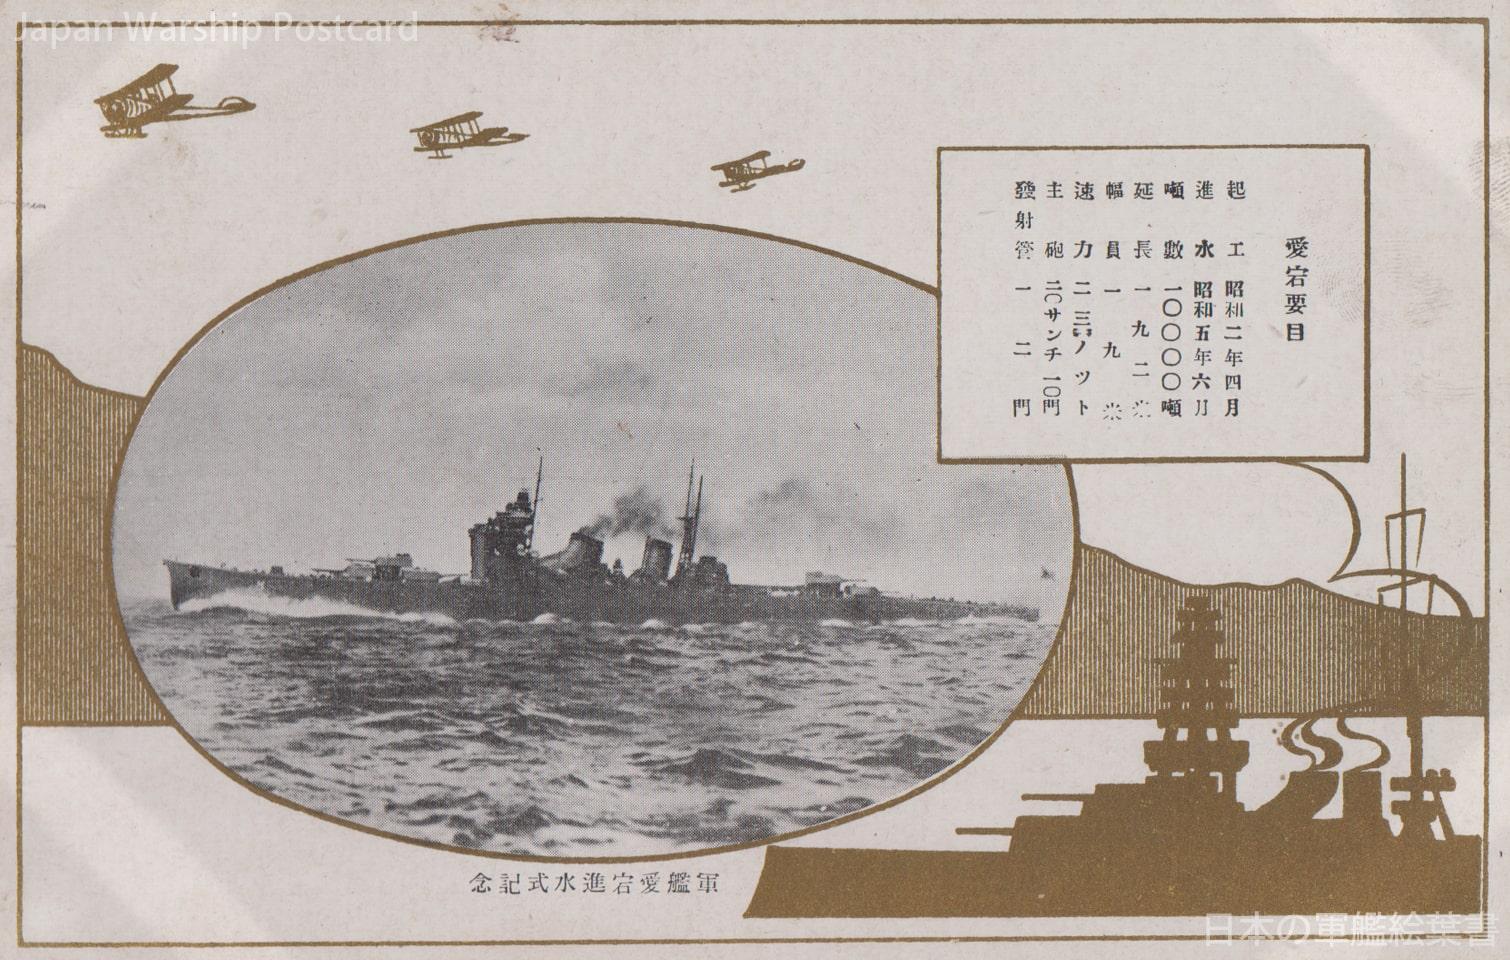 高雄型重巡洋艦「愛宕」